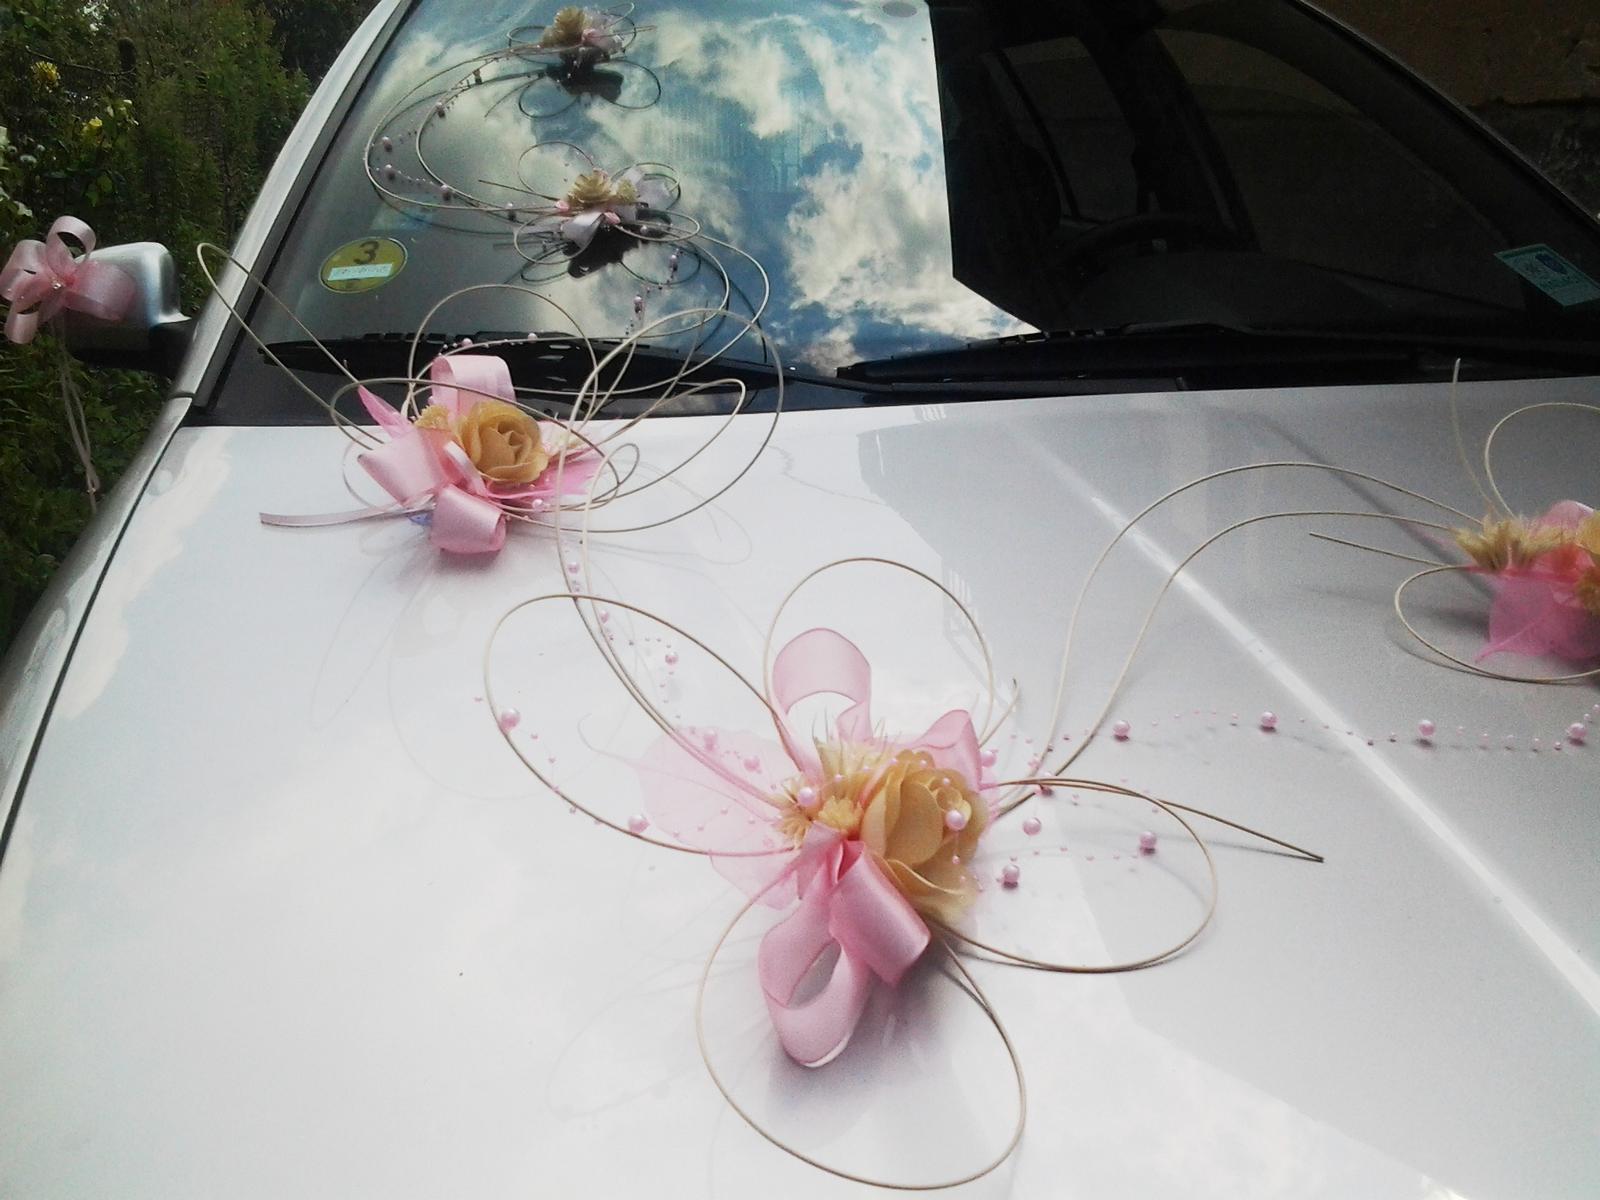 dekorace na auto- pink romantic - Obrázek č. 1